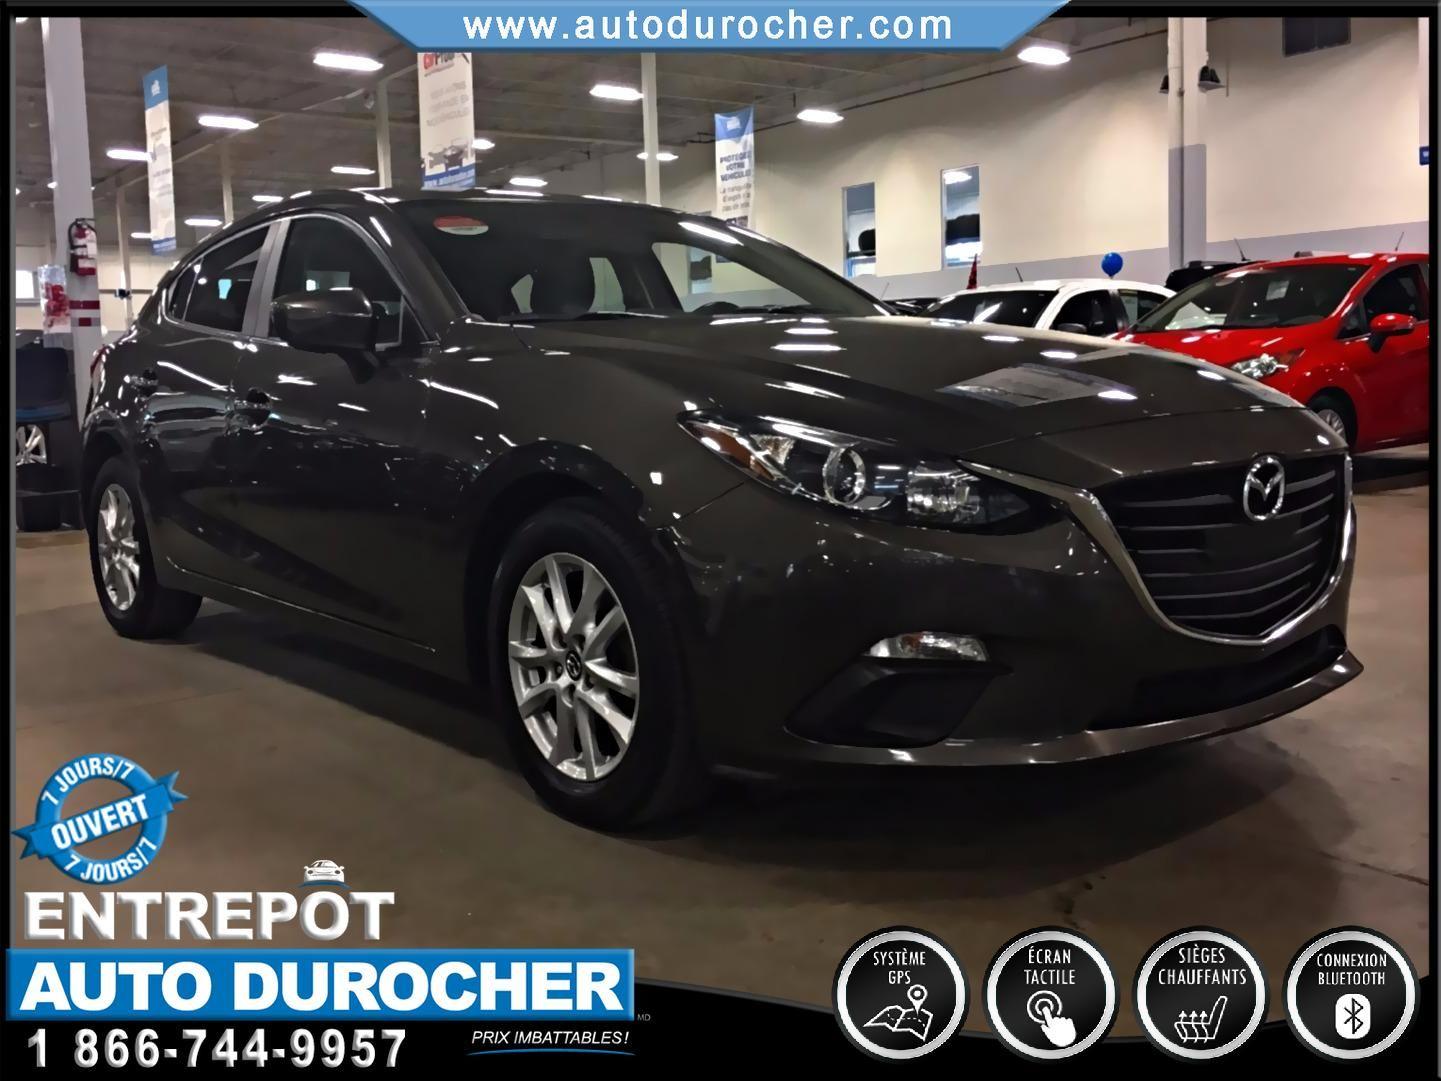 2014 Mazda Mazda3 GS-SKY MANUELLE TOUT ÉQUIPÉ SIÈGES CHAUFFANTS